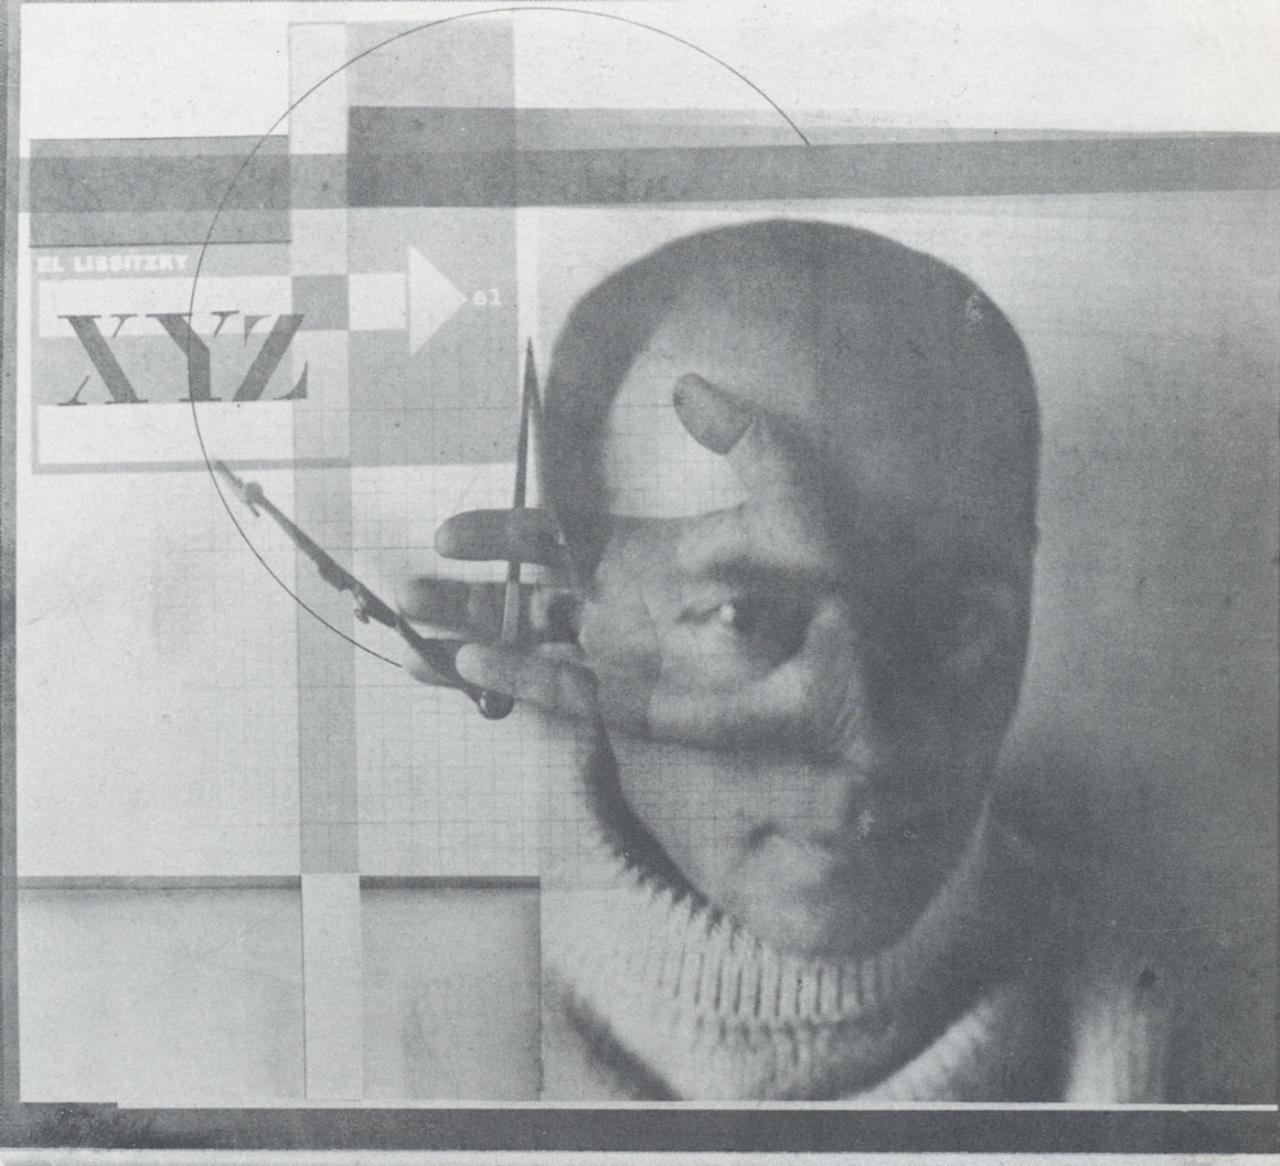 демонстрацьёнсраум (демонстрационное пространство) Кай-Уве Хемкен